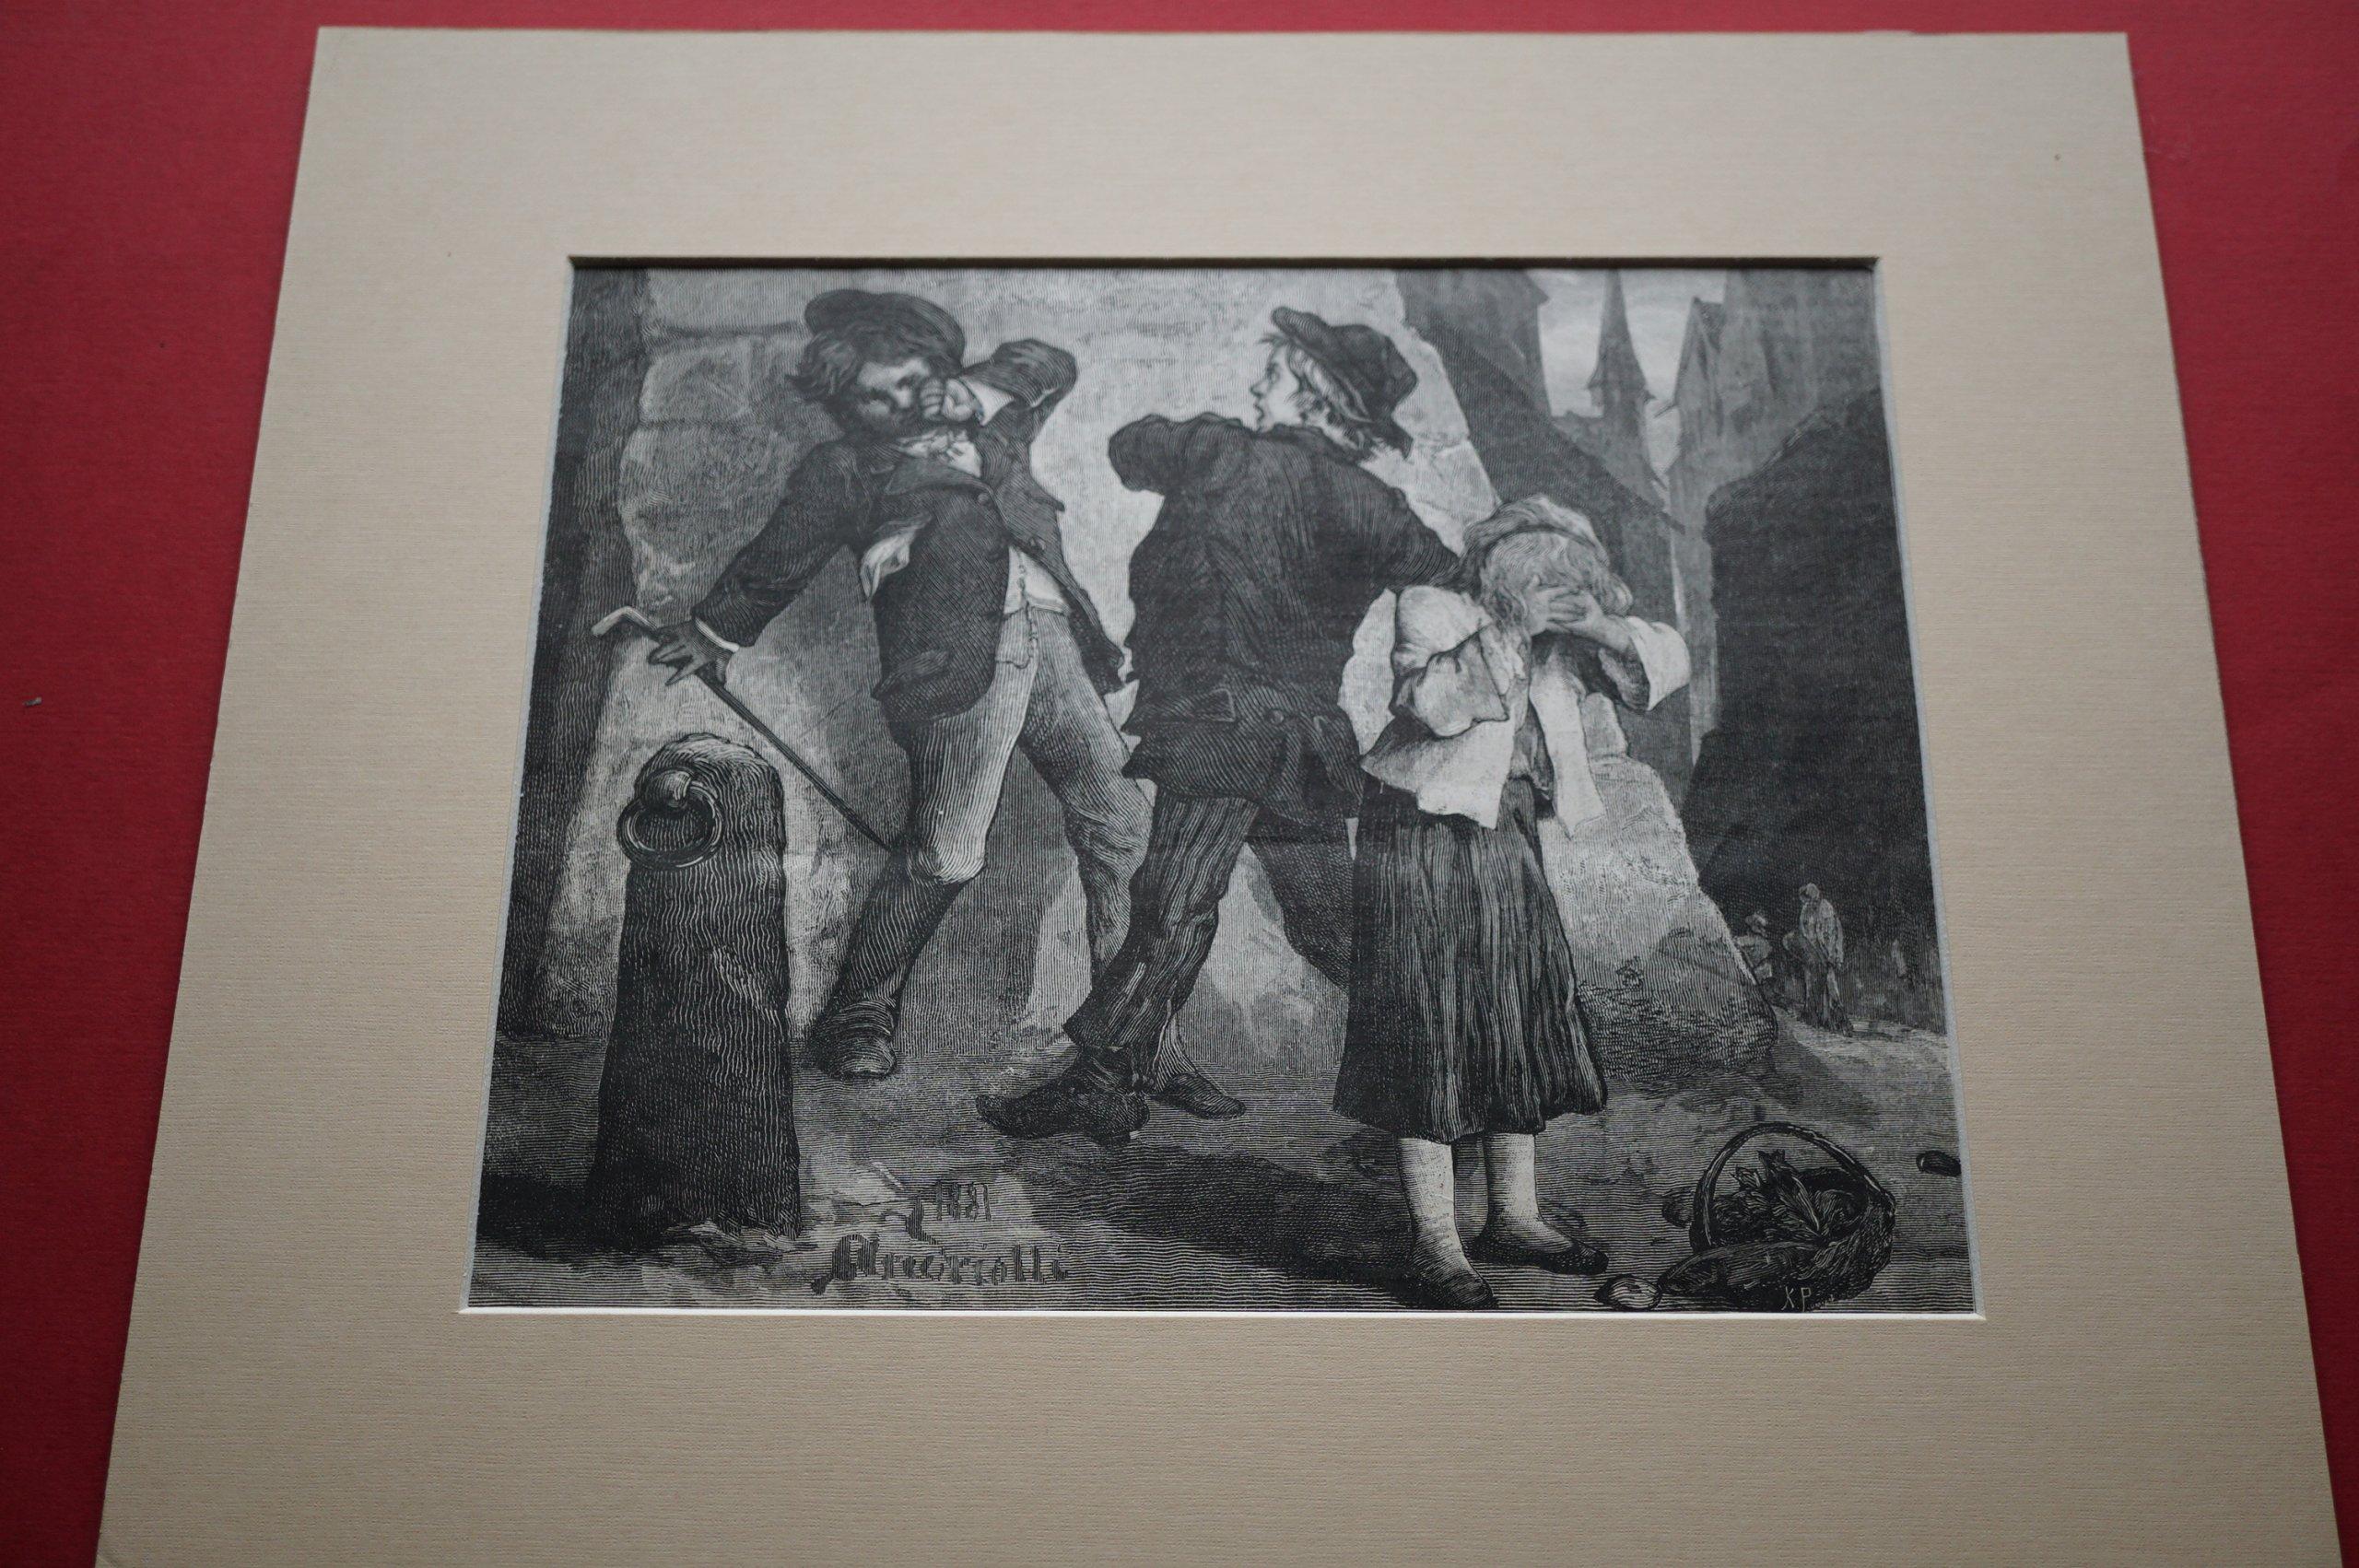 ANDRIOLLI M.: Jak śmiałeś. [Scenka rodzajowa] 1881